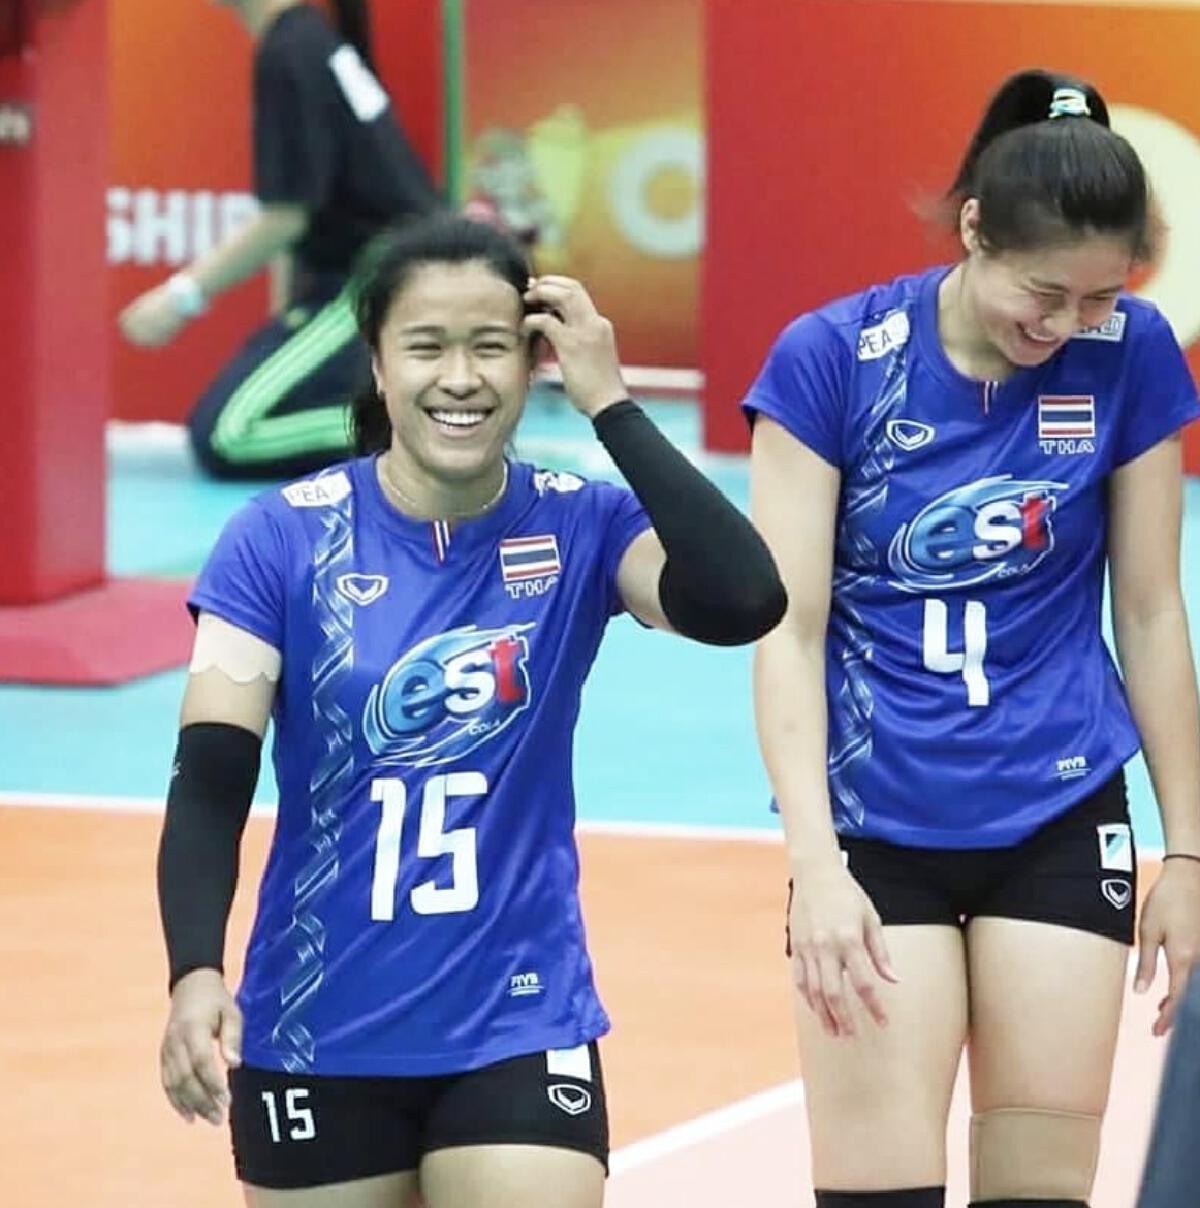 มลิกา กันทอง นักวอลเลย์บอลทีมชาติไทย